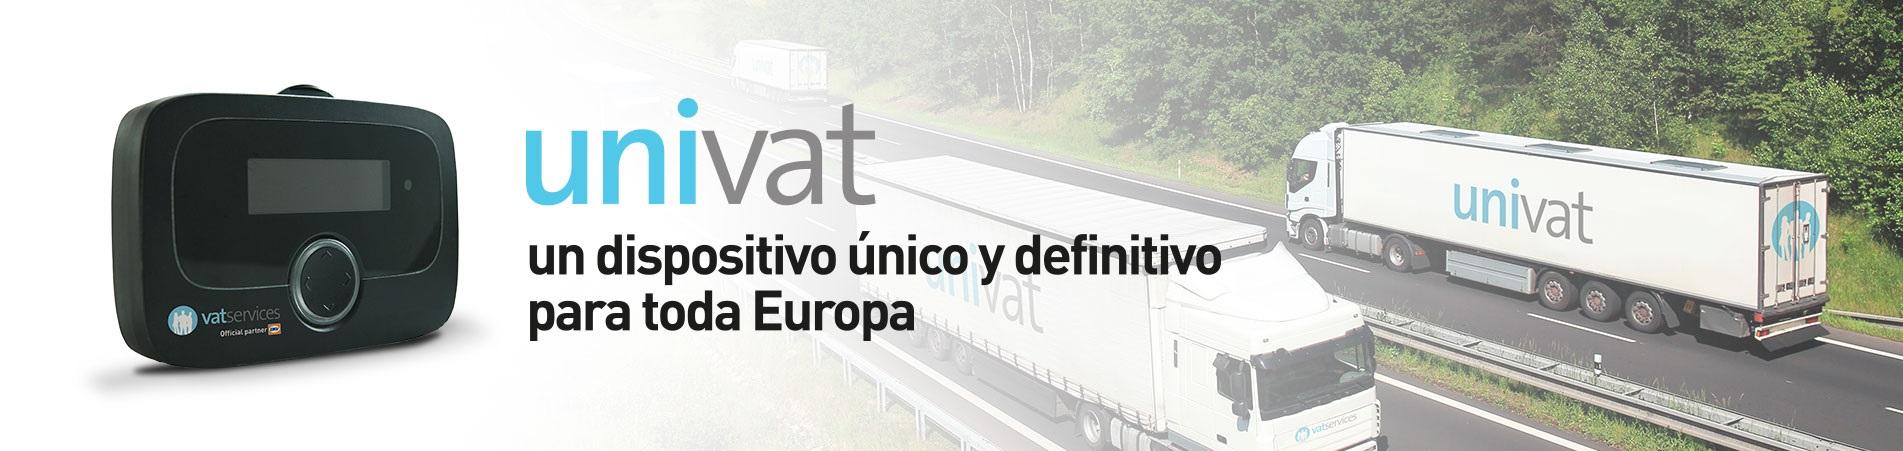 UNIVAT-de-vatservices-unico-dispositivo-de-peajes-en-europa